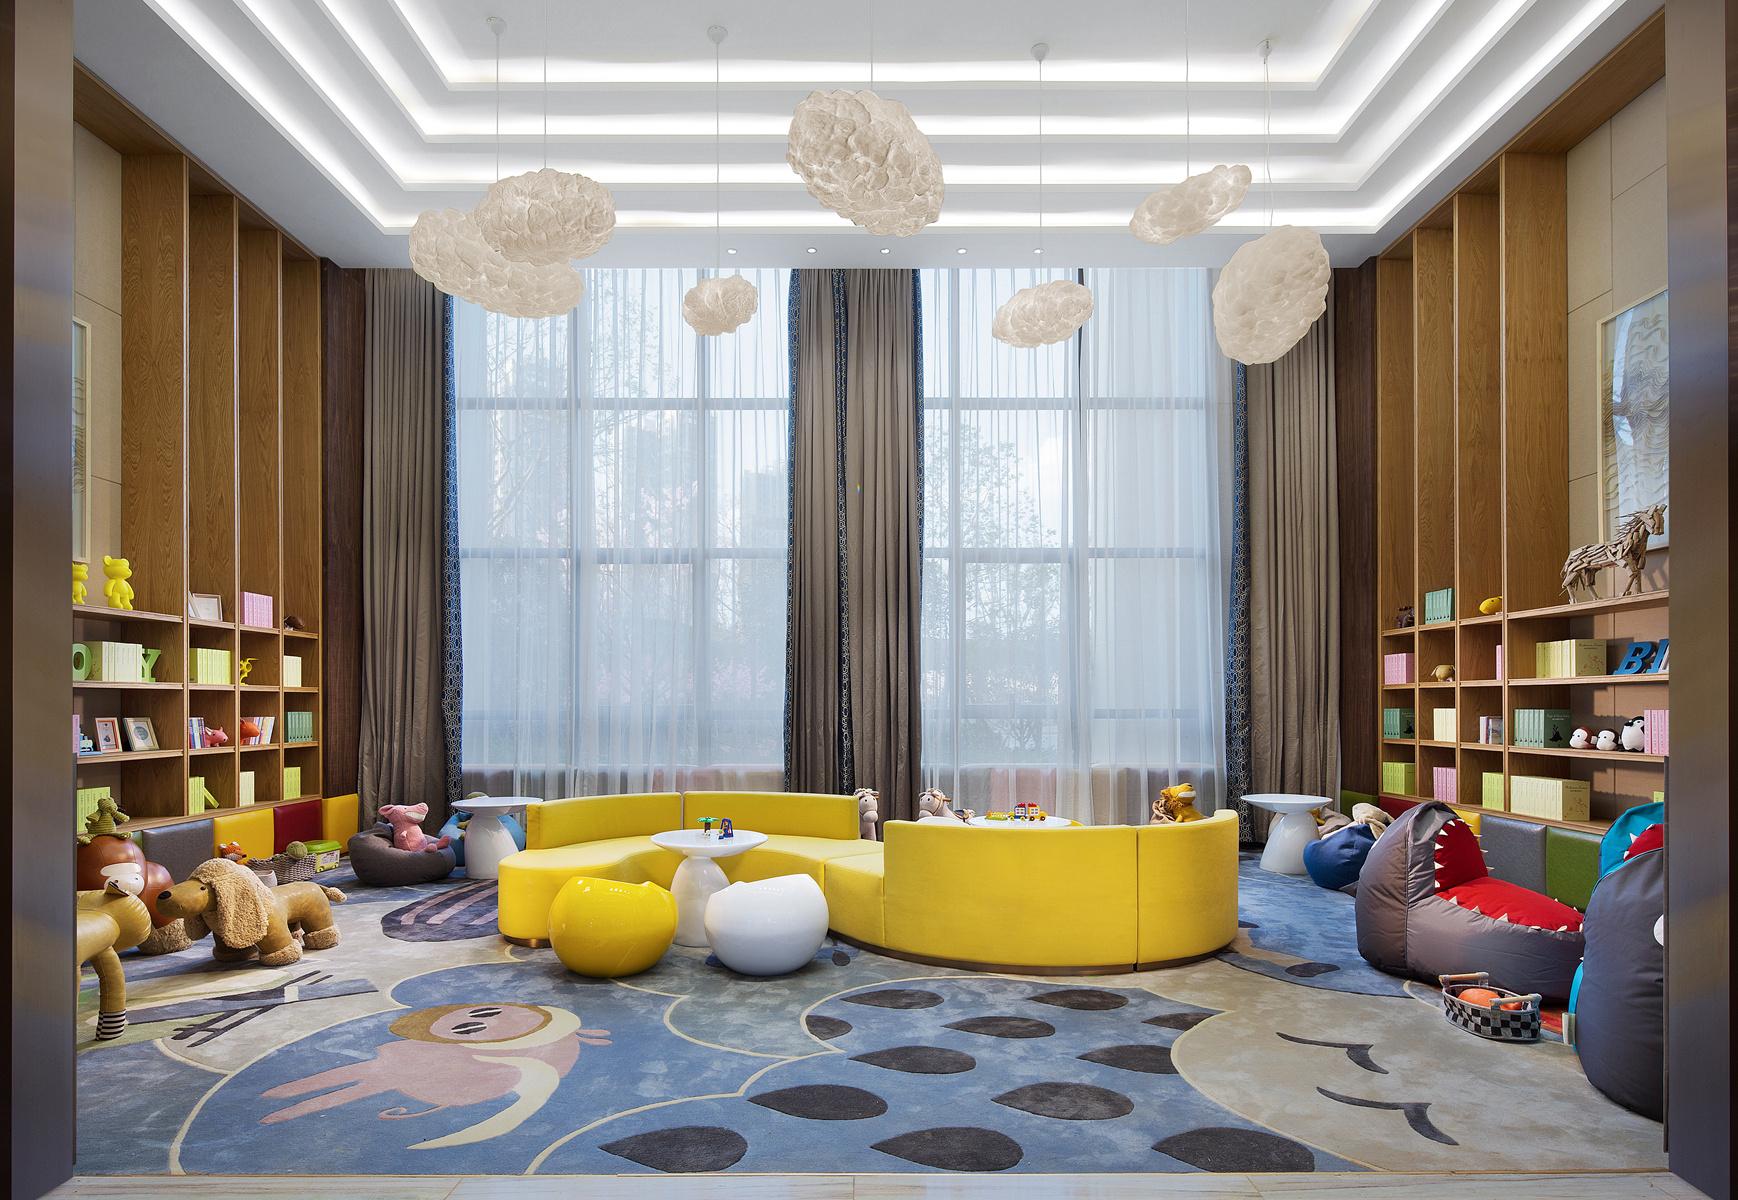 韵律感来暗示时空的推移,让客人在空间感受中设计师带来的设计变化.图片